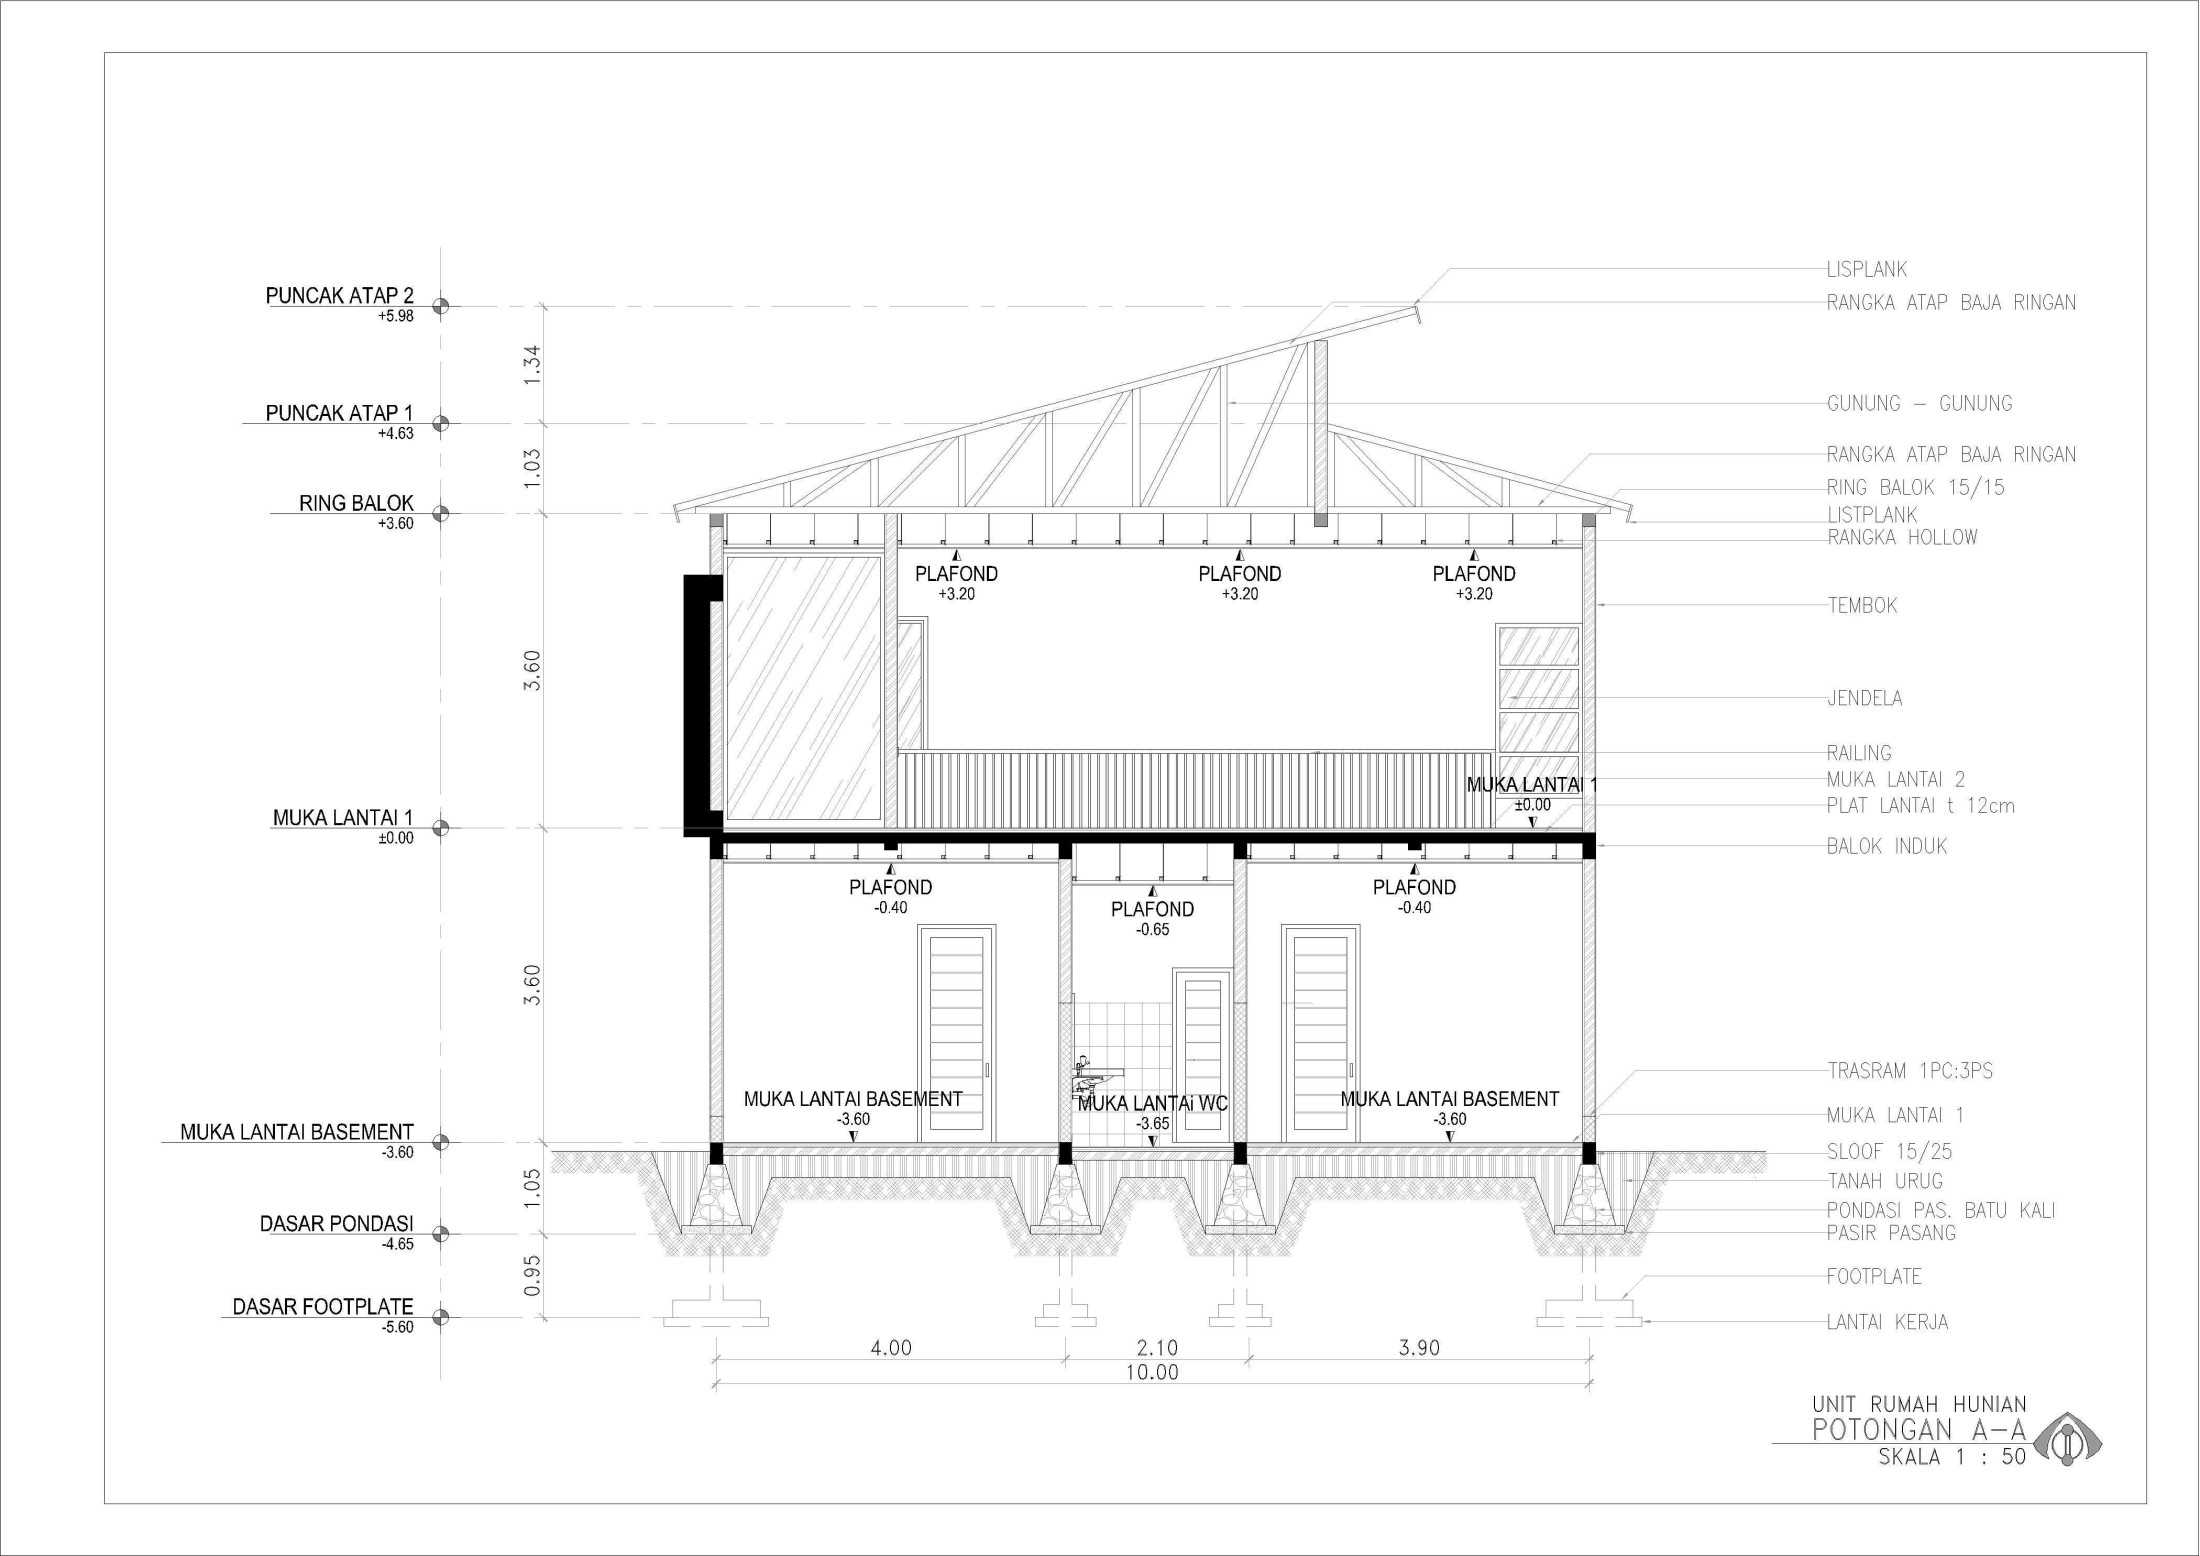 Ansitama Architecture Studio Rumah Hunian Bapak Hijri Jambi, Kota Jambi, Jambi, Indonesia Jambi, Kota Jambi, Jambi, Indonesia Ansitama-Architetcture-Studio-Rumah-Hunian-Bapak-Hijri  56258